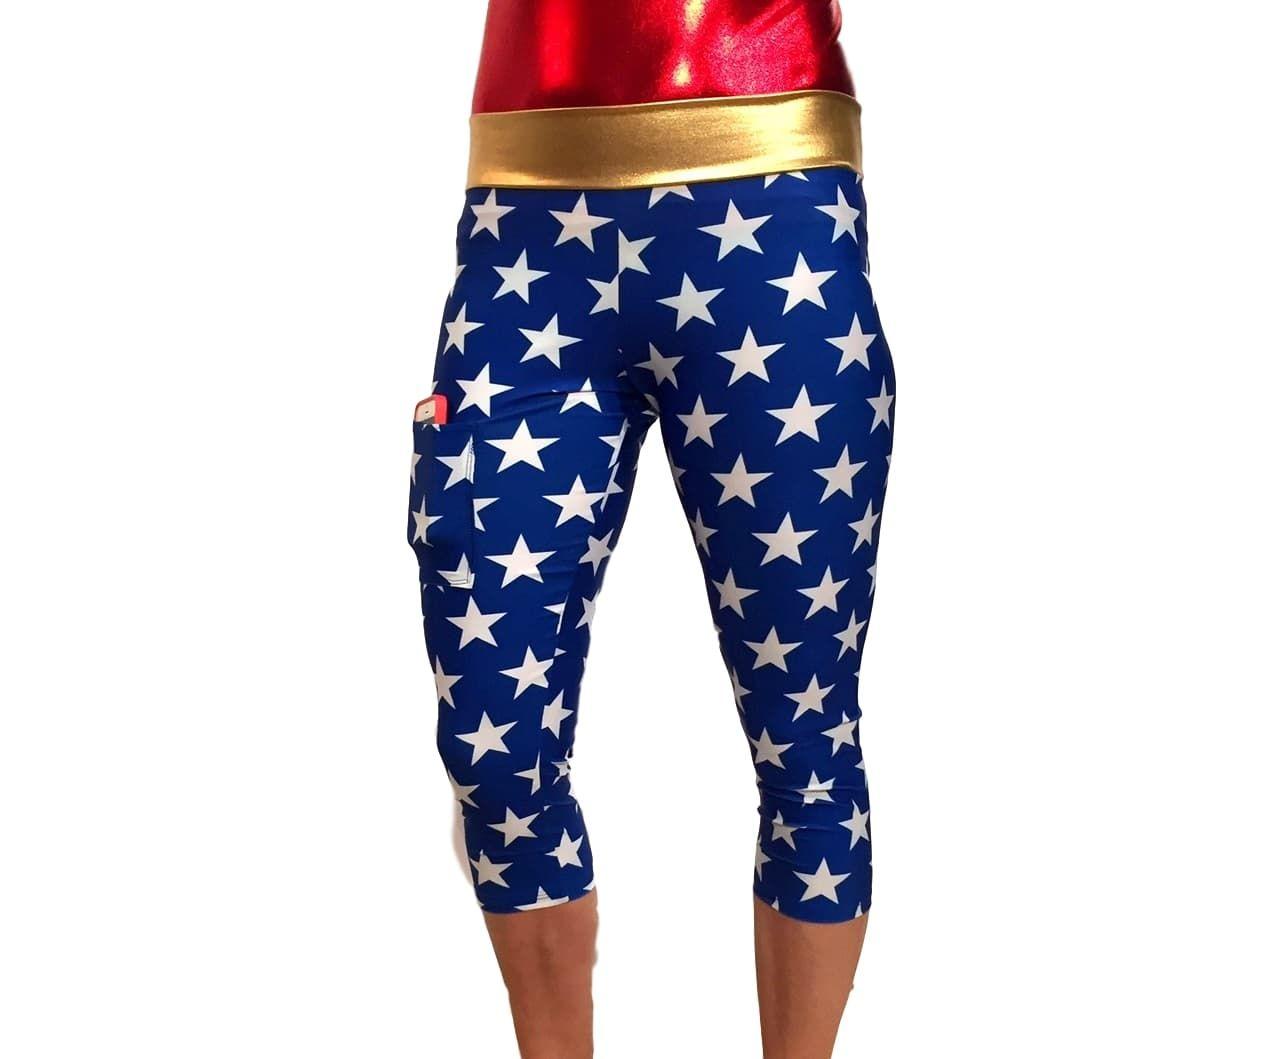 Wonder Woman Super Hero Inspired Yoga Capri Leggings